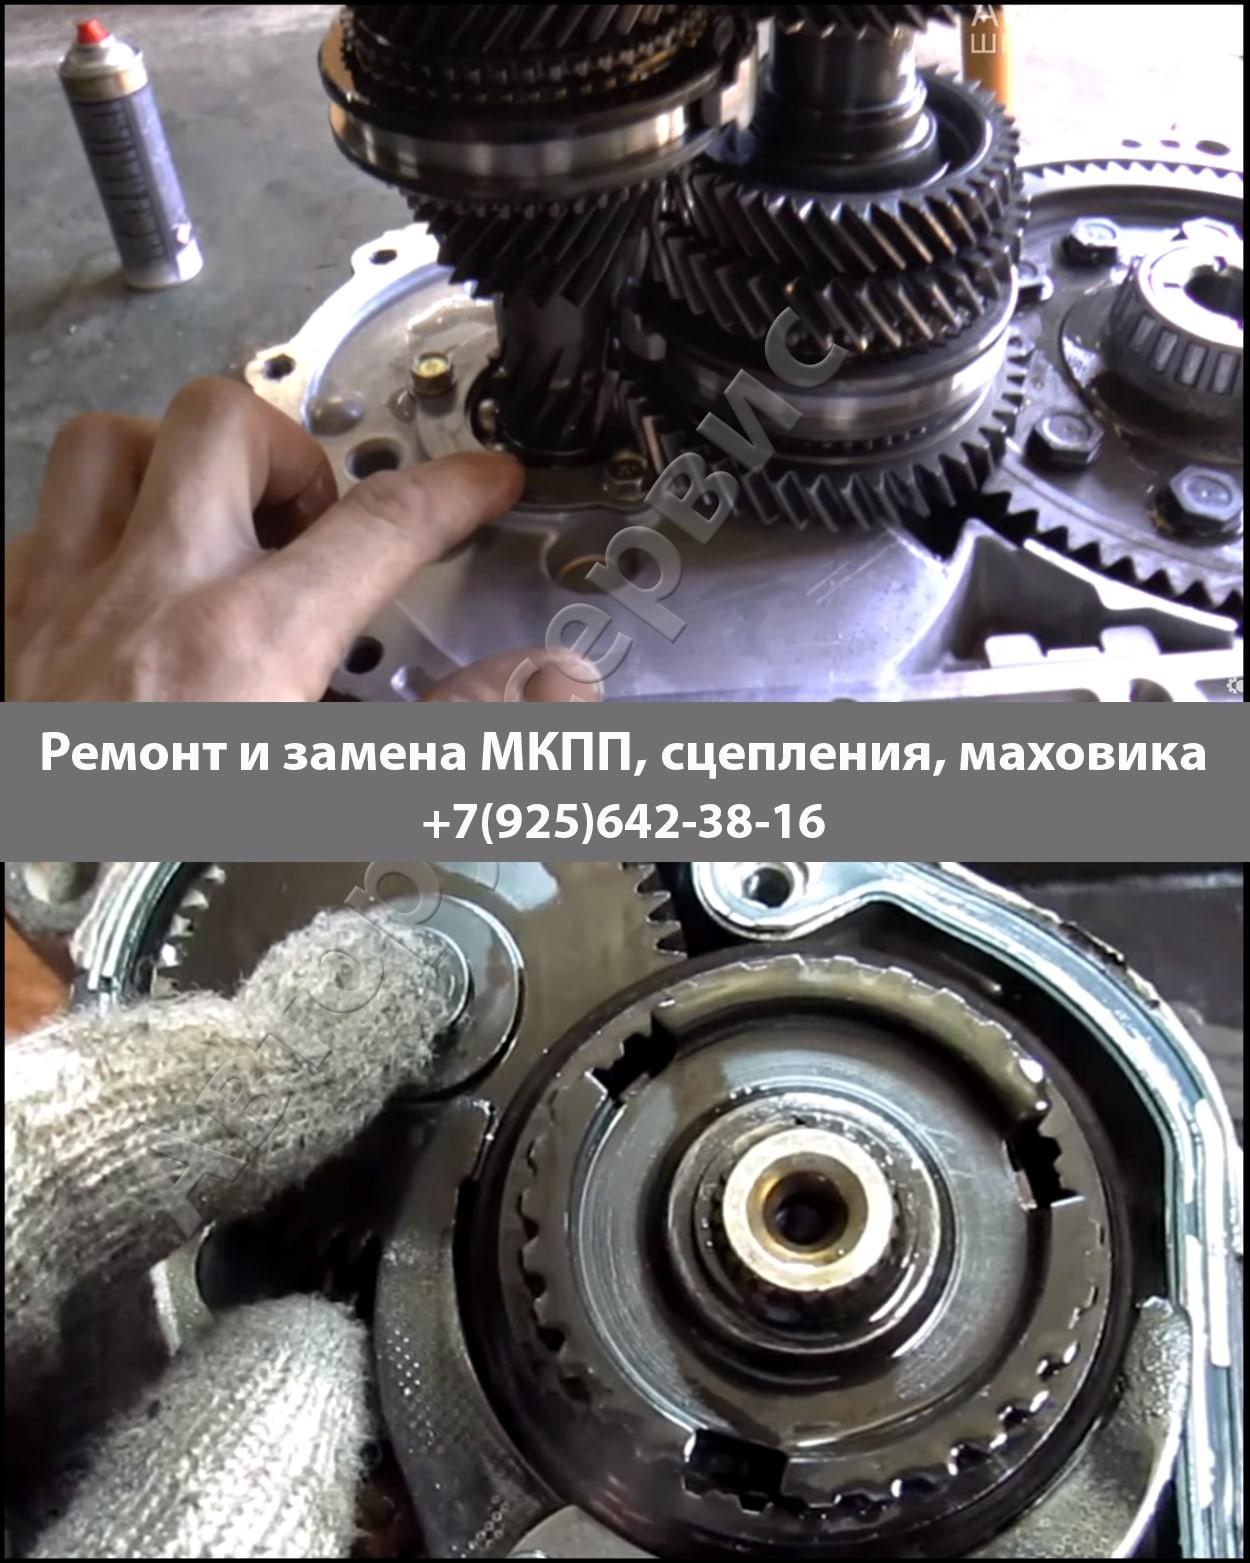 Ремонт МКПП Элантра